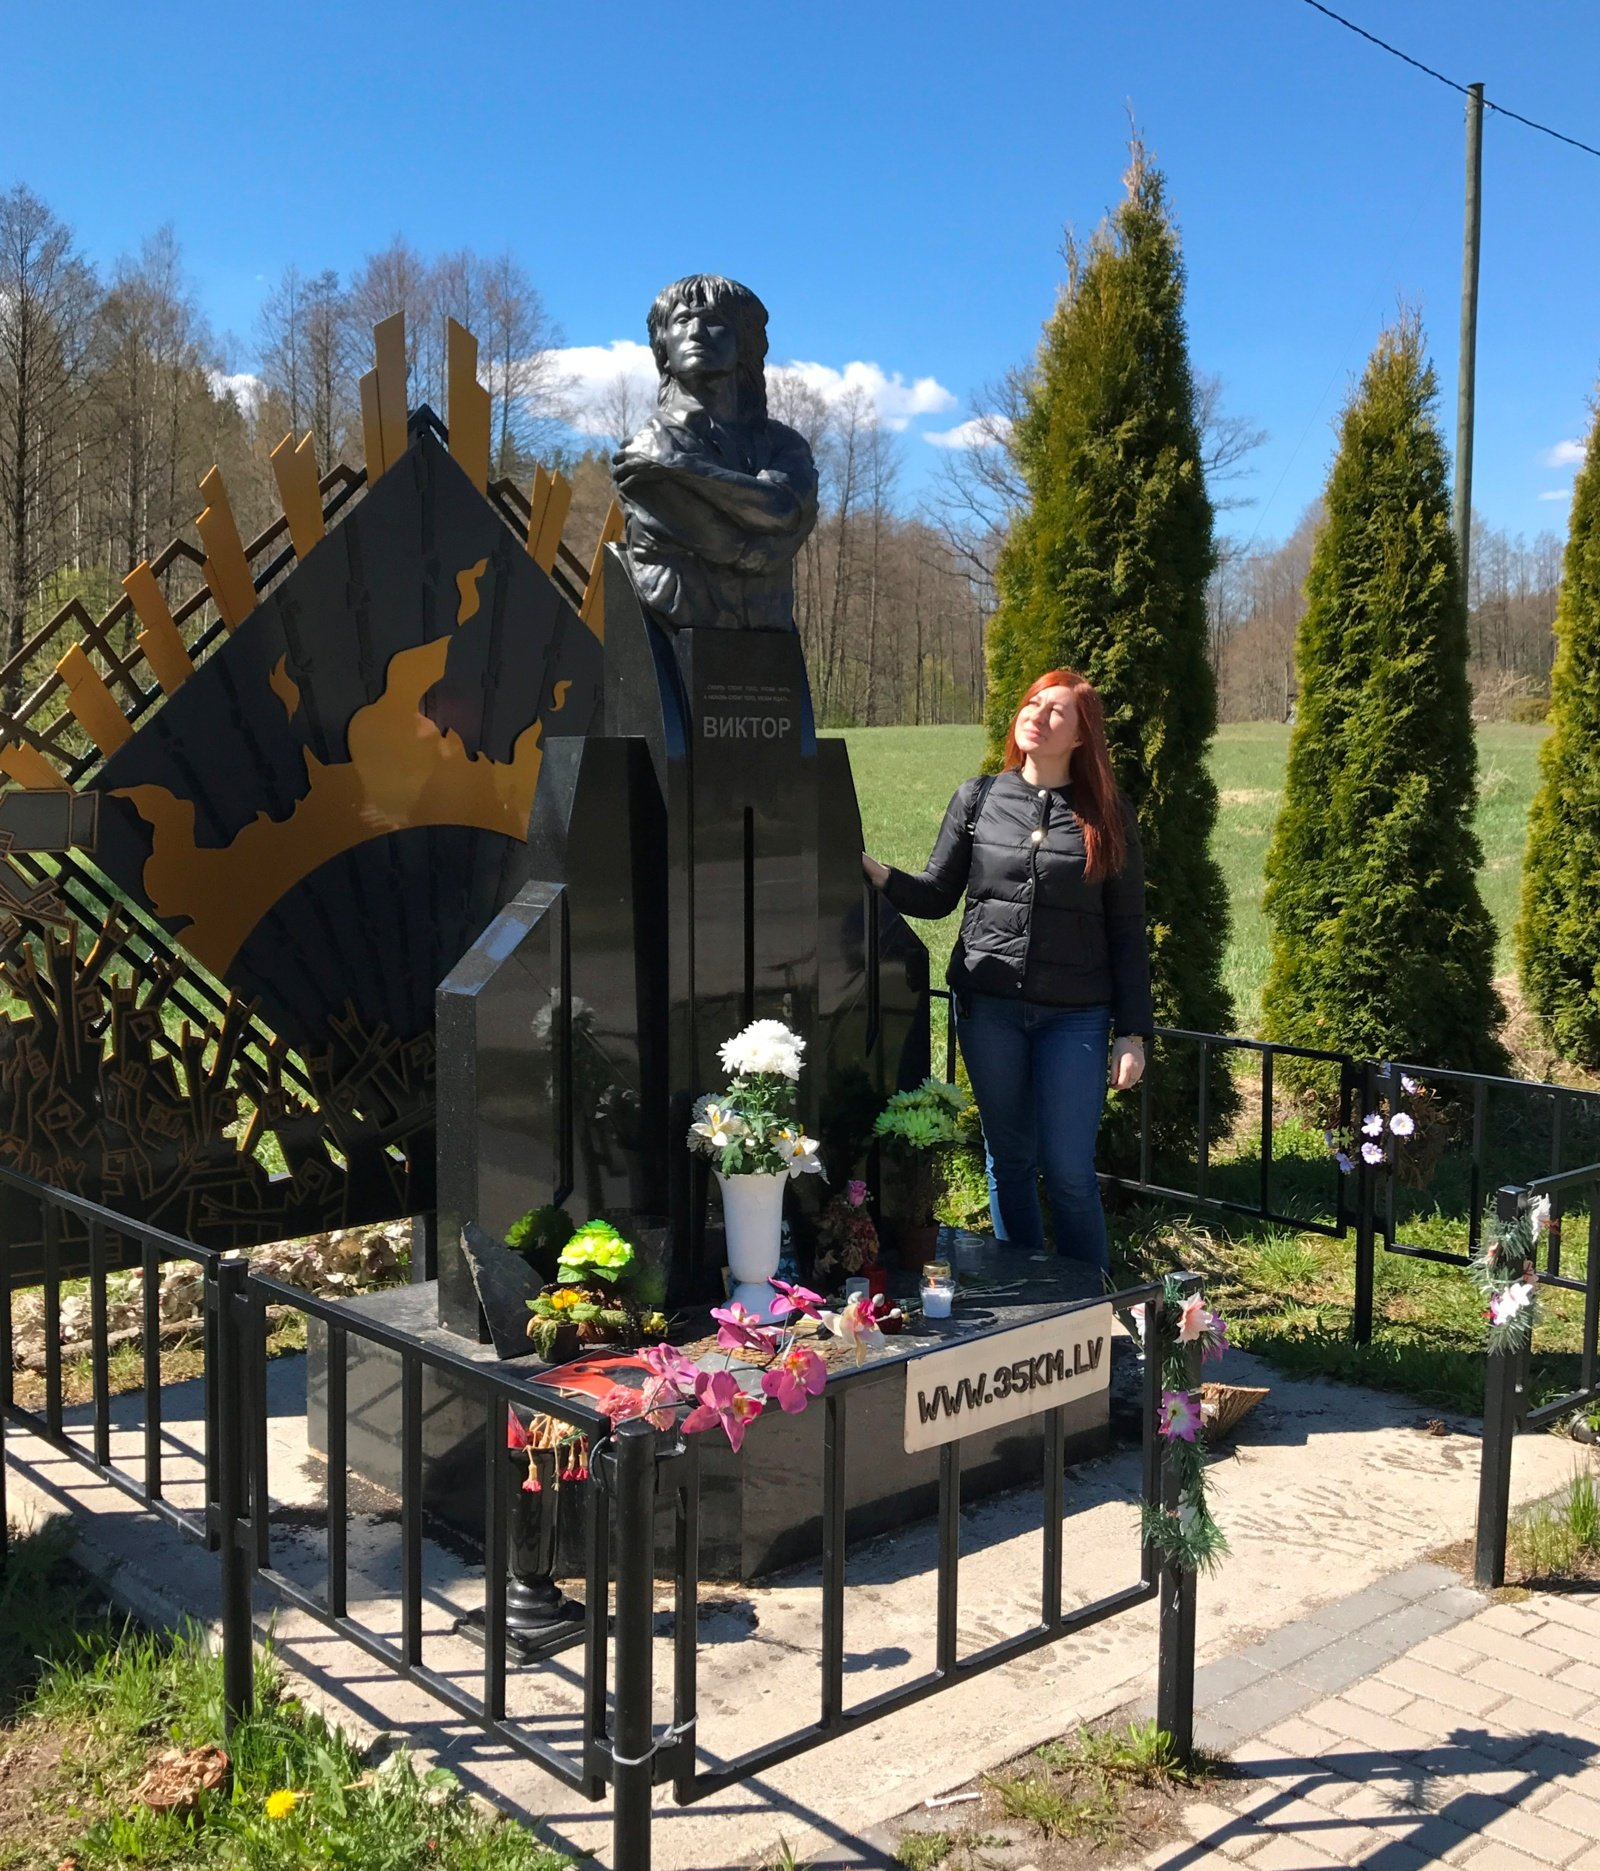 Prie legendinio roko muzikanto atminimo įamžinimo prisidėjo ir Joniškio akmens meistrai